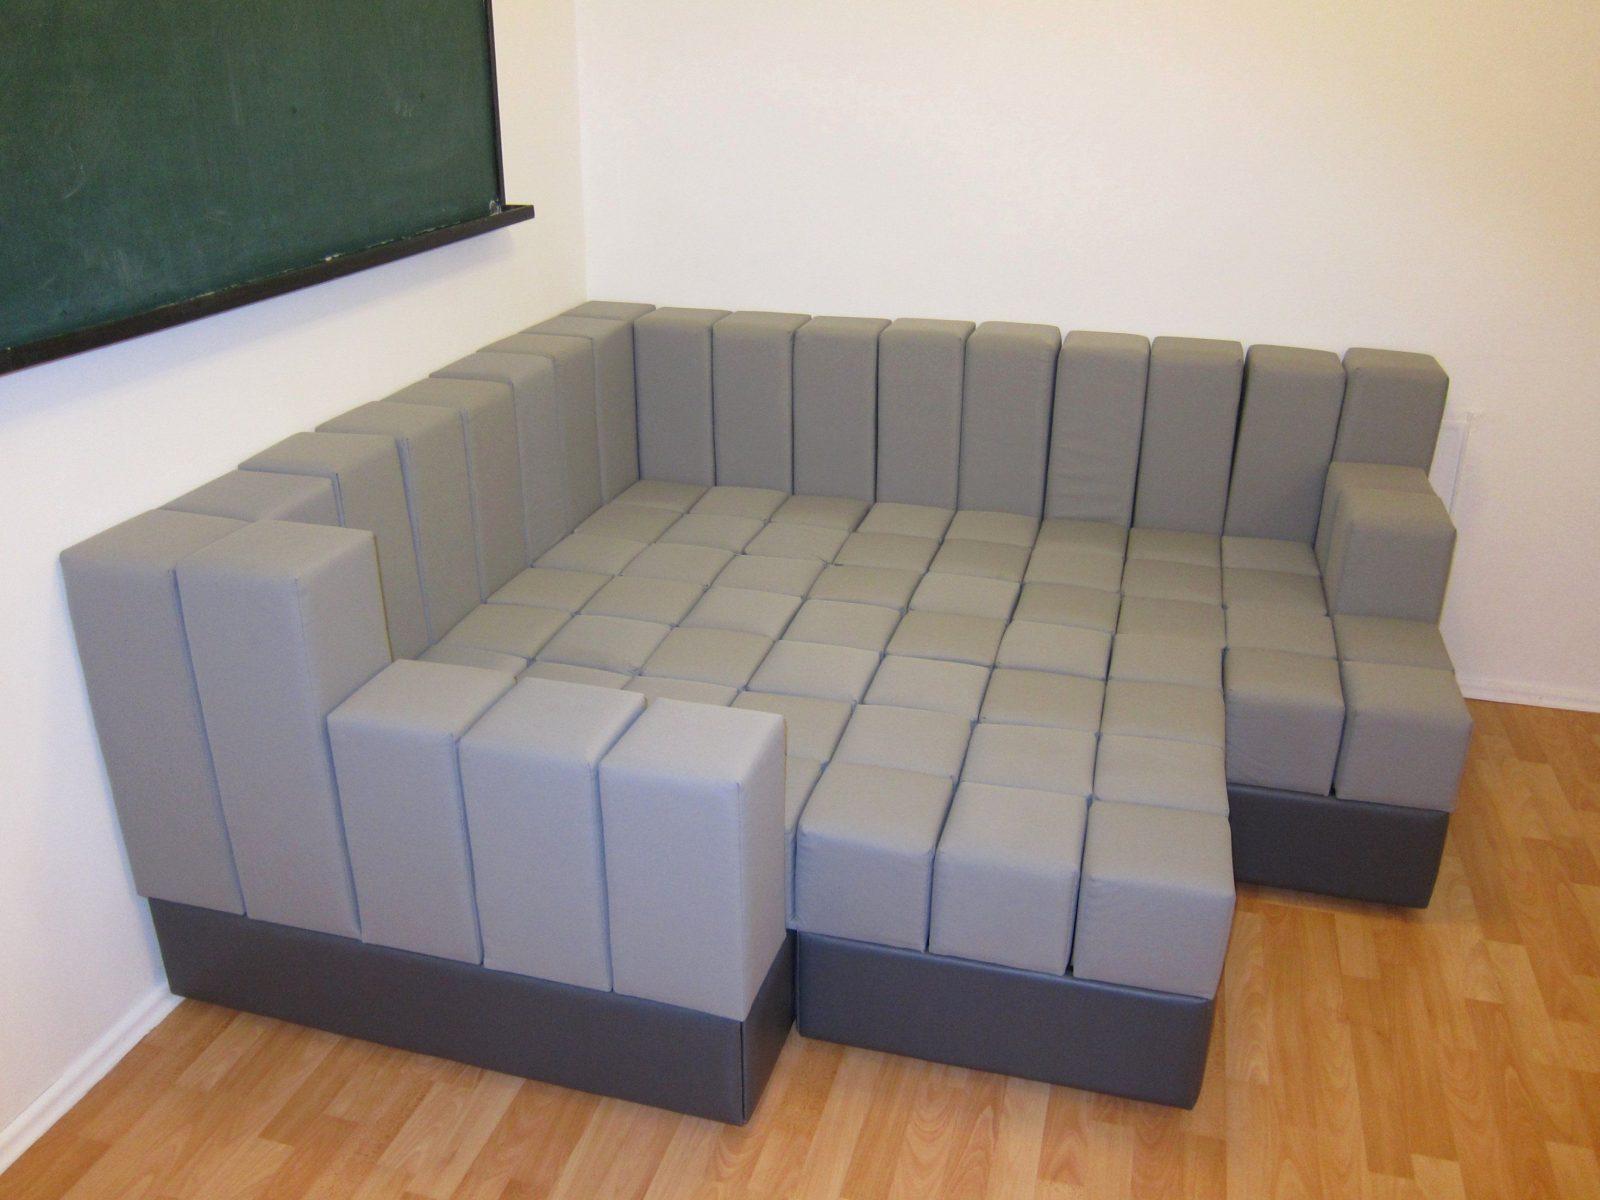 Beste Couch Selber Bauen Bq23 Hitoiro Mit Möbel Selber Bauen Und von Sofa Selbst Neu Beziehen Photo